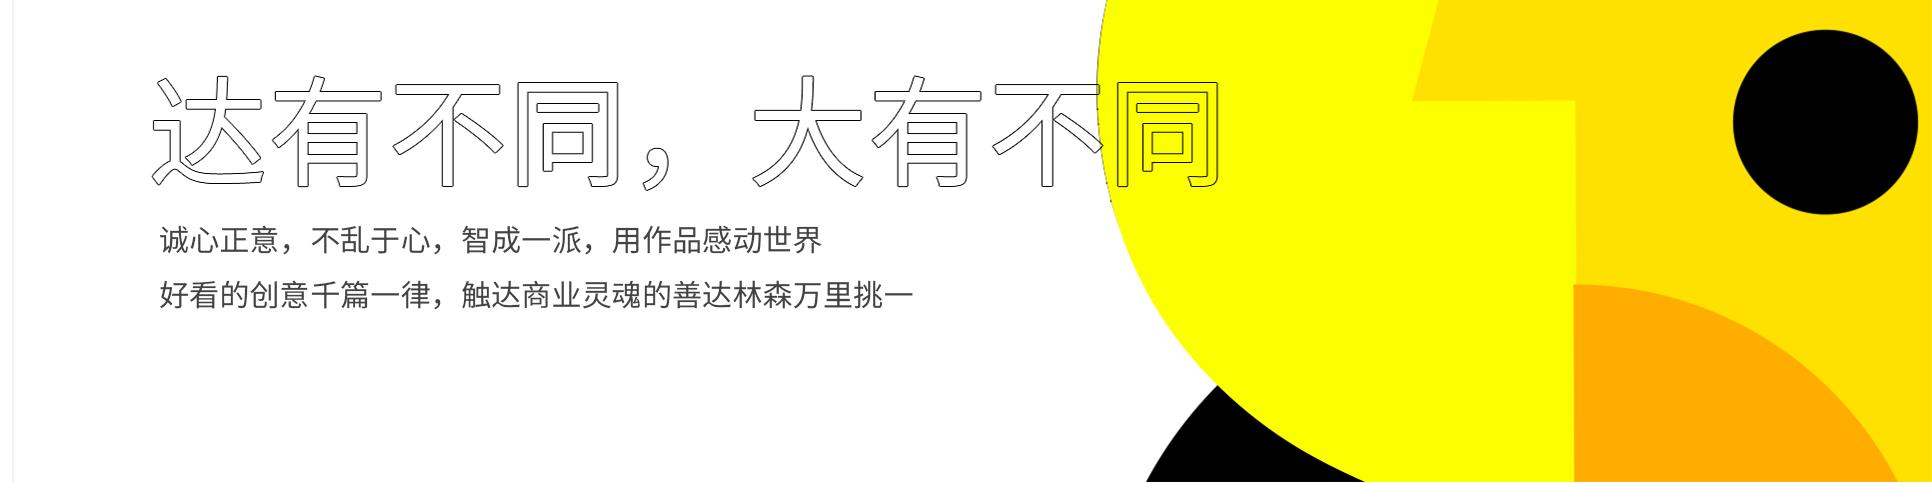 上海大型新品发布会活动策划公司_上海大型主题活动策划公司